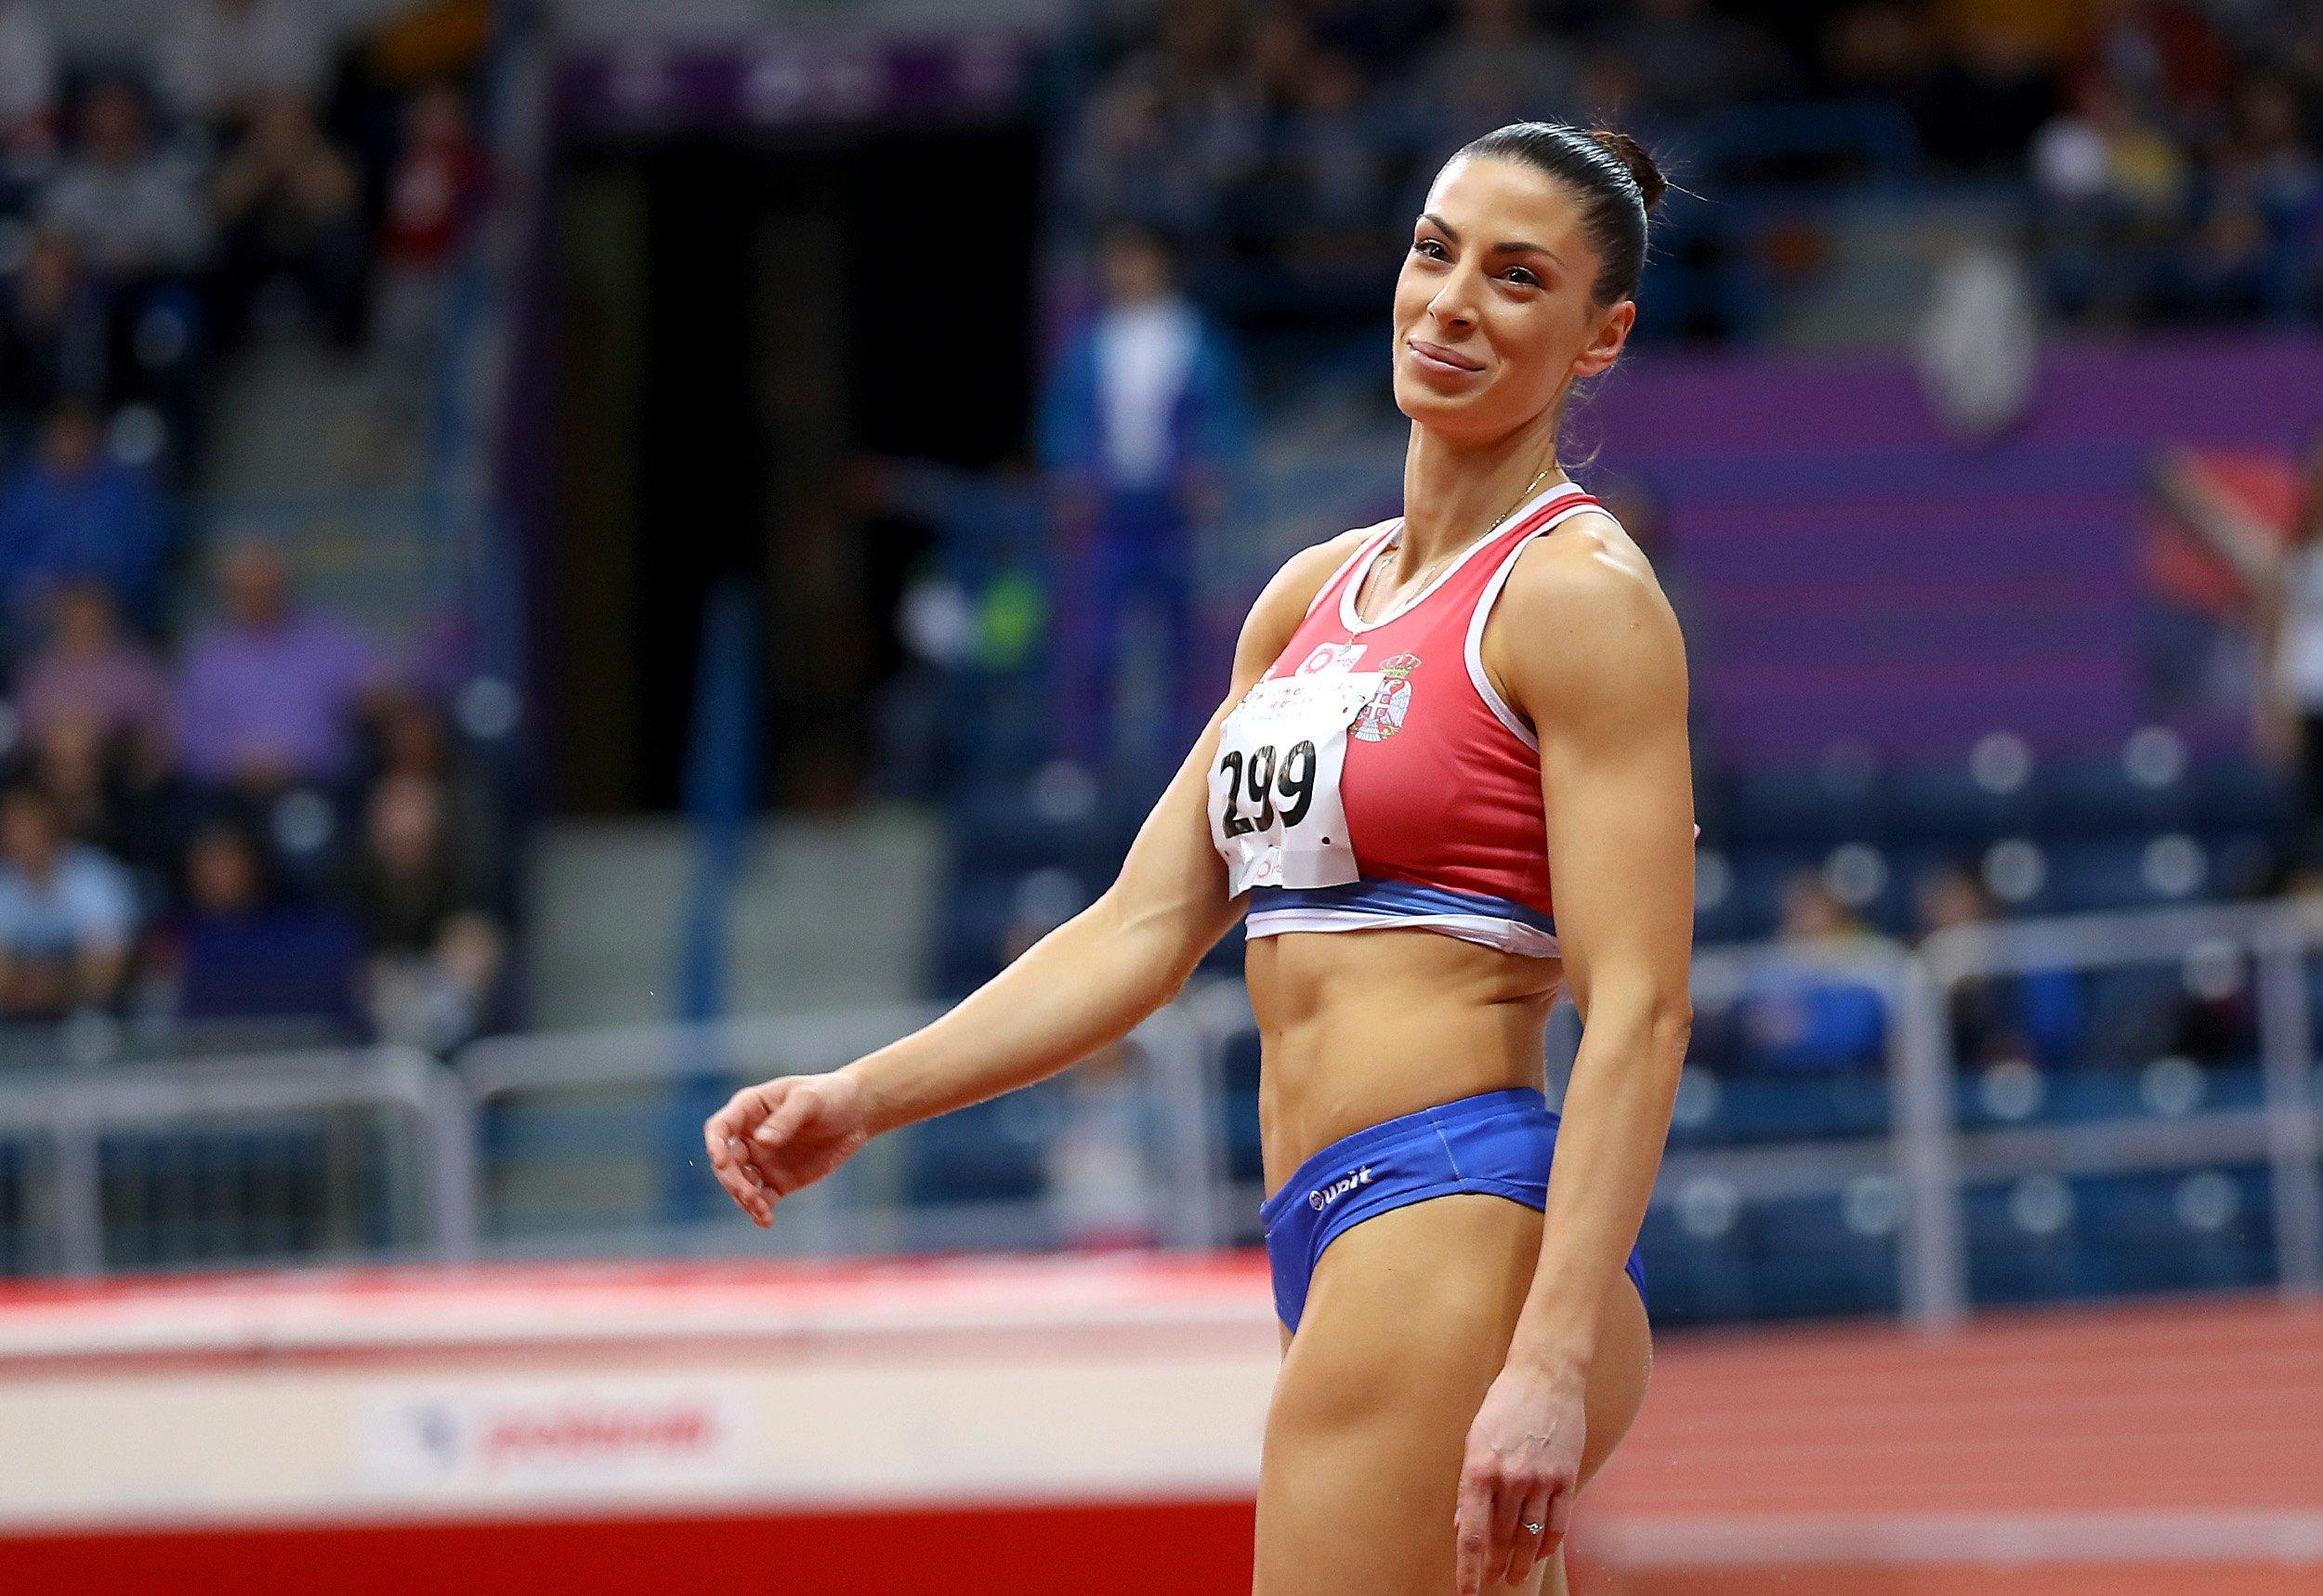 ivana španović atletika